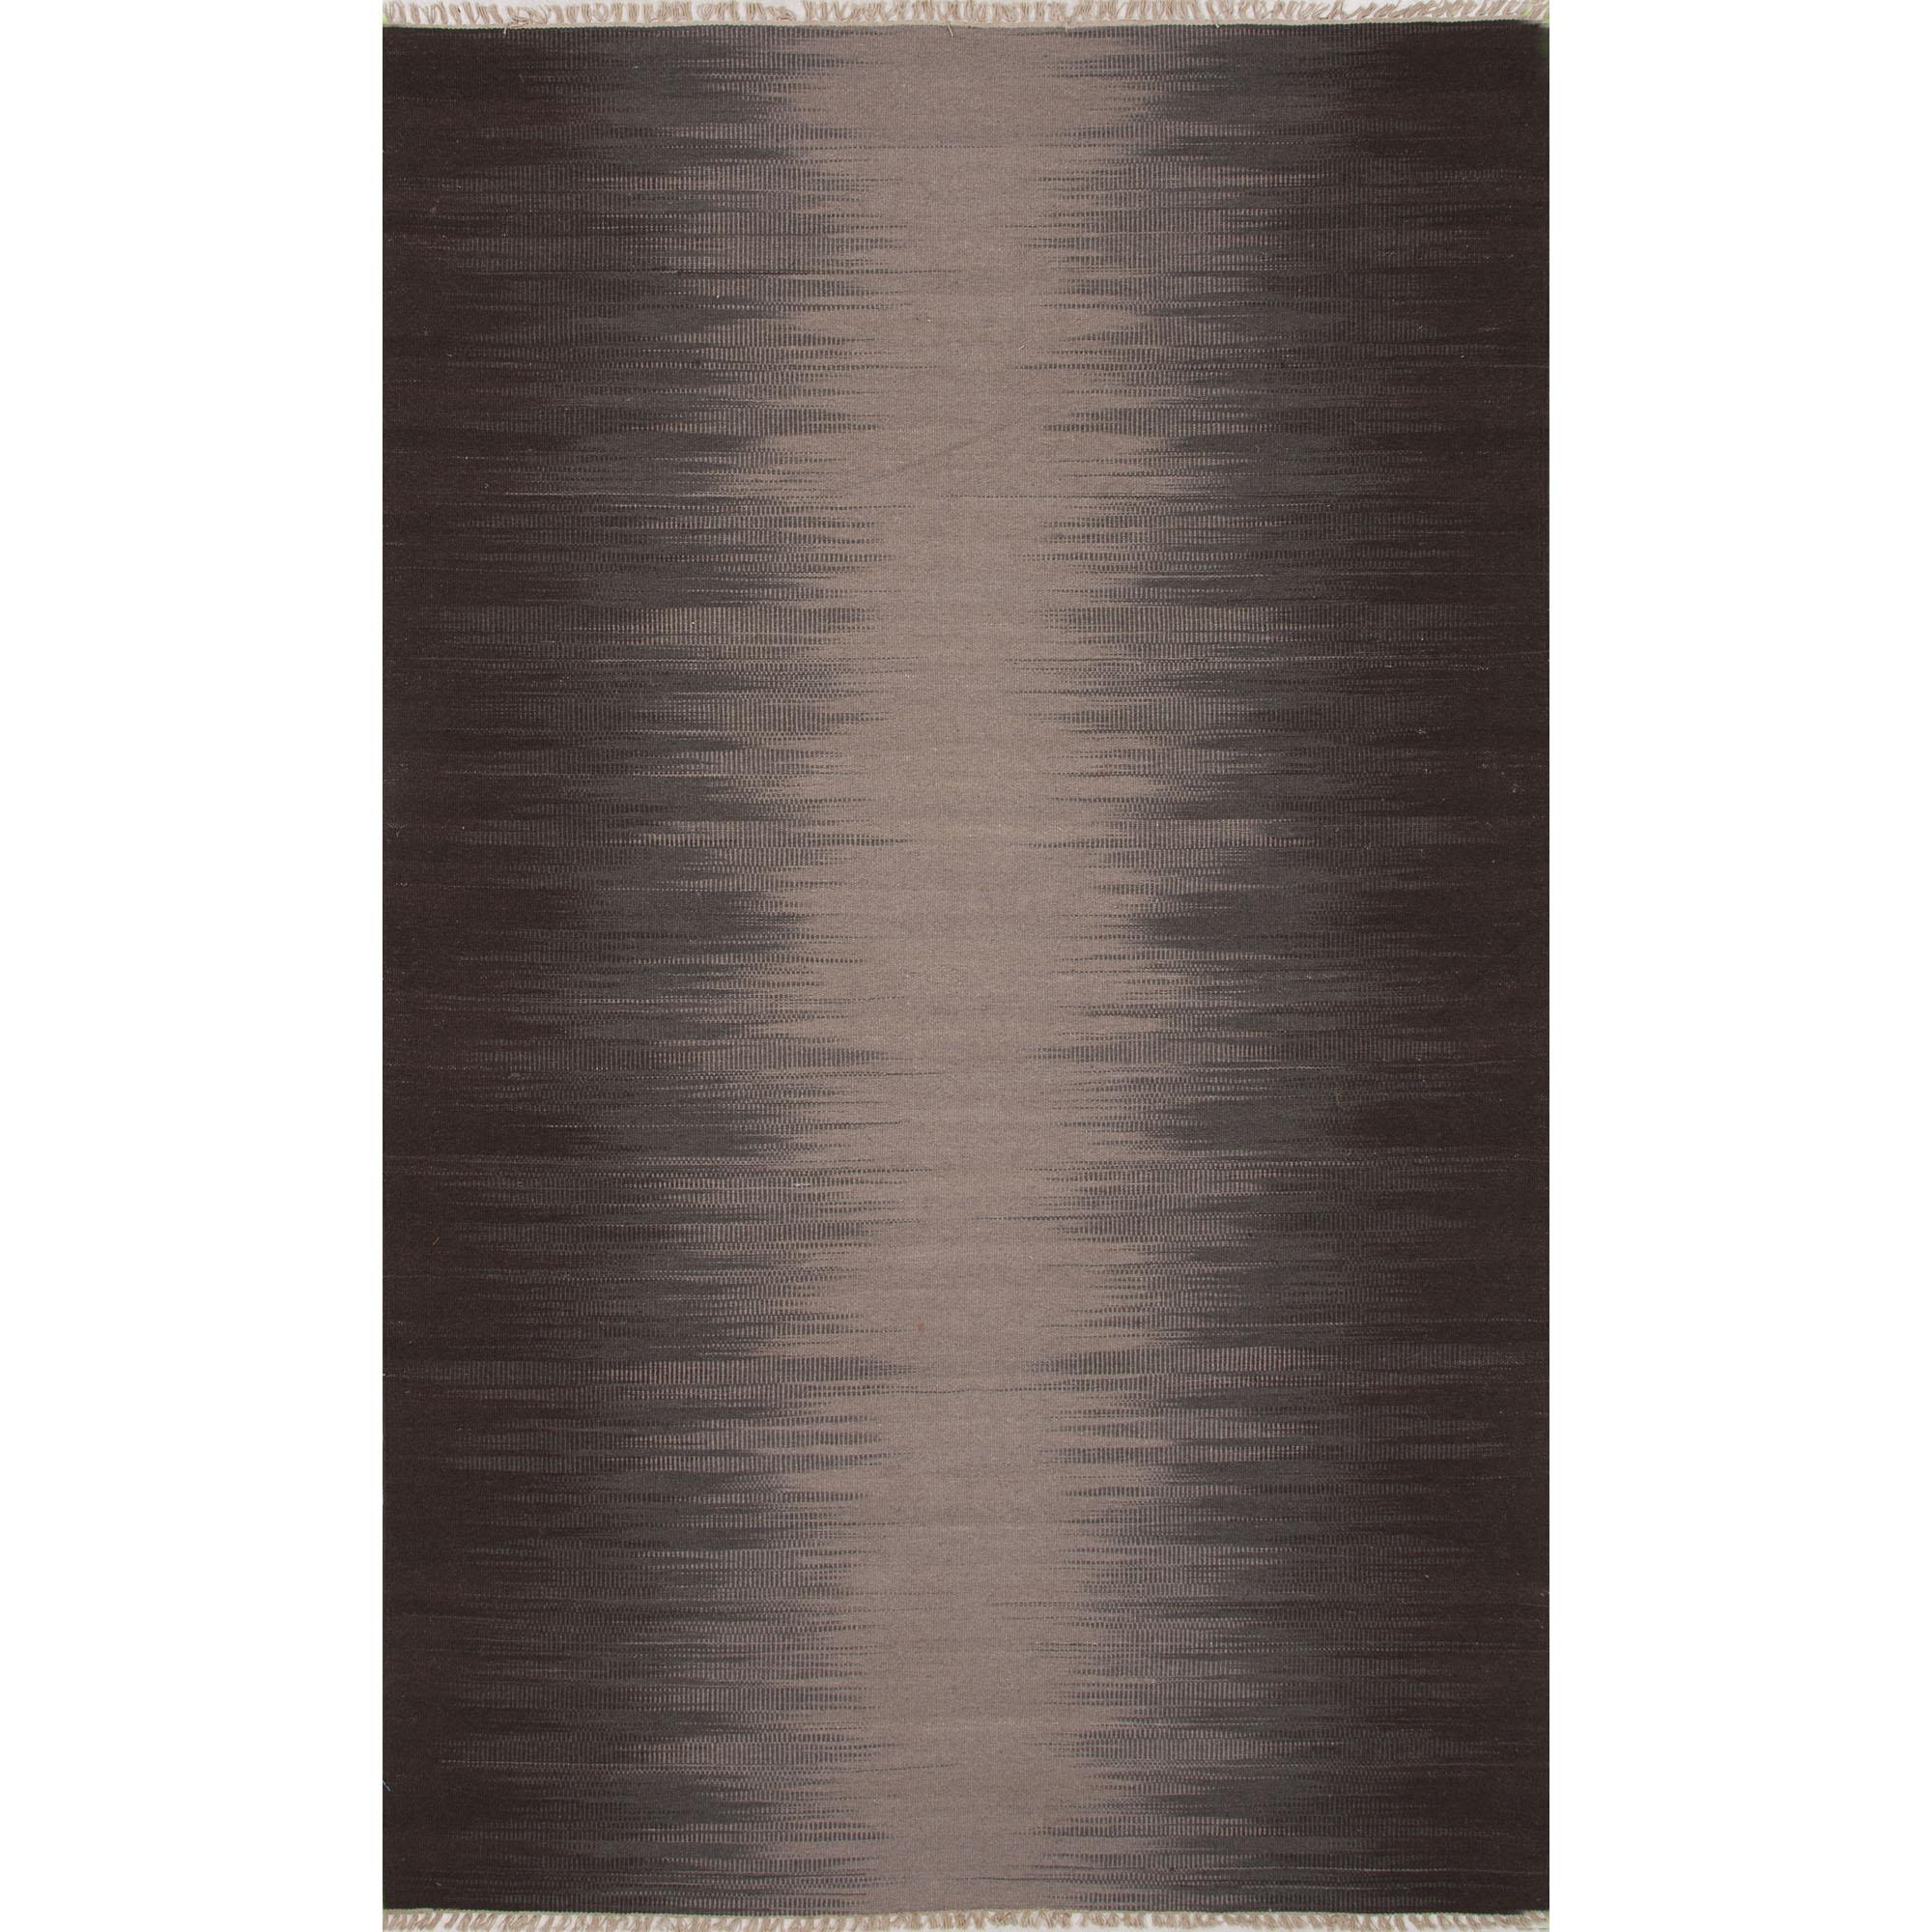 JAIPUR Rugs Spectra 8 x 10 Rug - Item Number: RUG122380